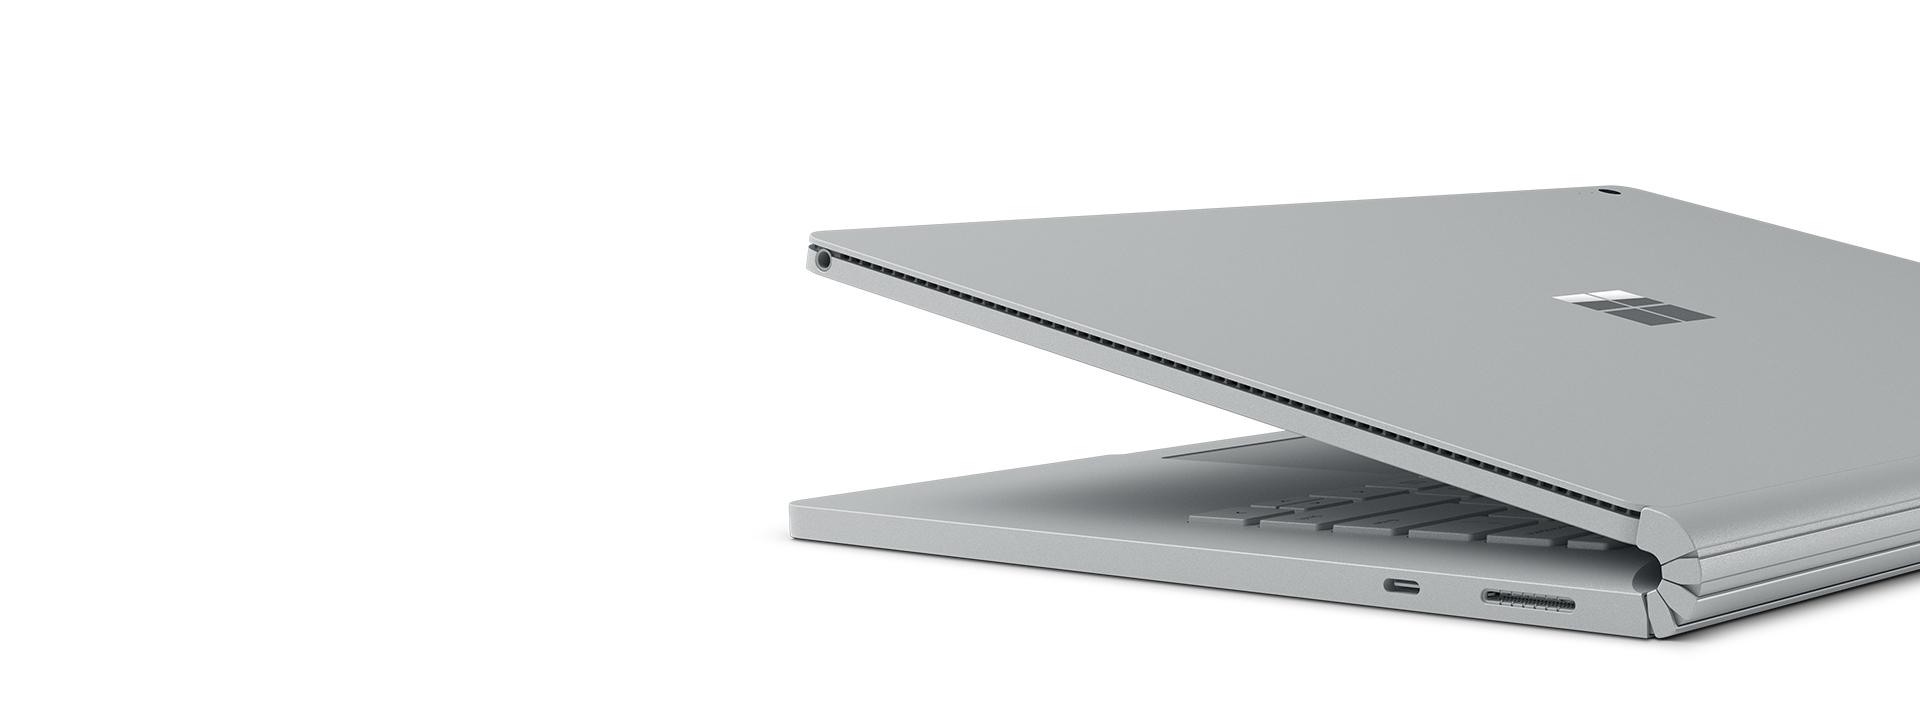 Surface Book 2 與 USB-C 連接埠的畫面